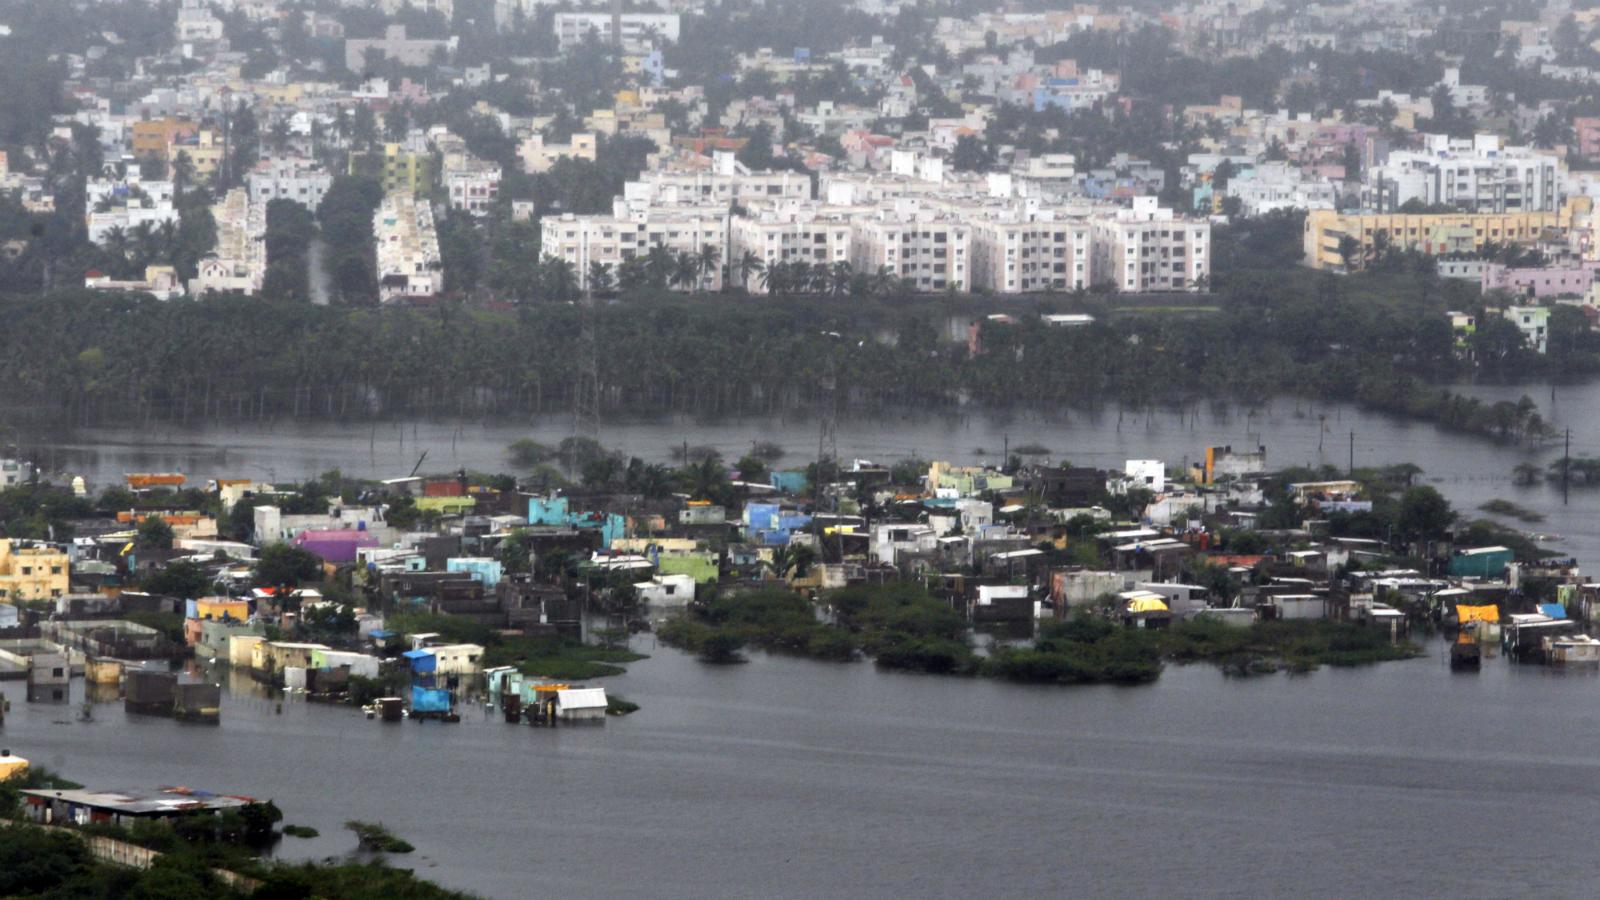 Chennai-Chennai floods-Chennai rain-Jayalalithaa-Tamil nacu-india floods